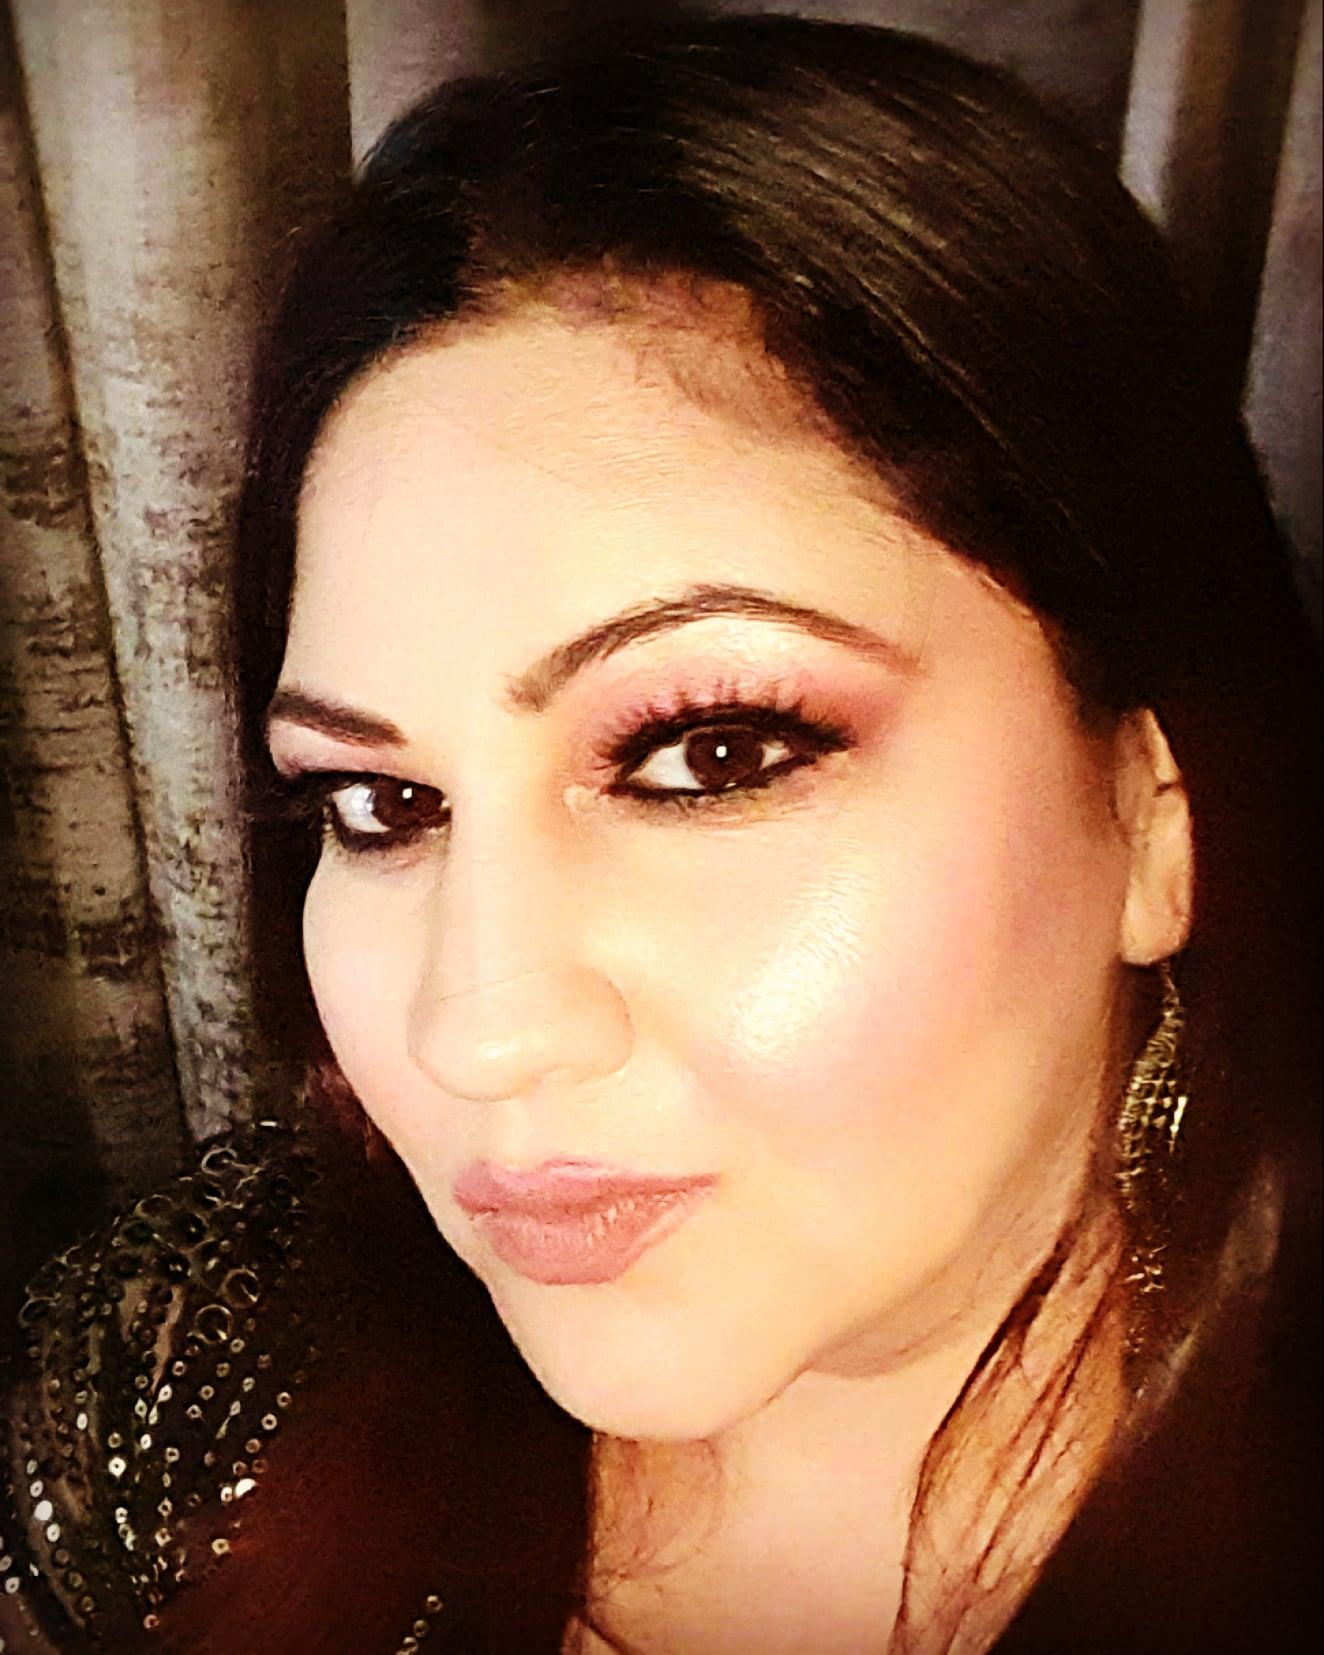 mansy-shourey-makeup-artist-delhi-ncr